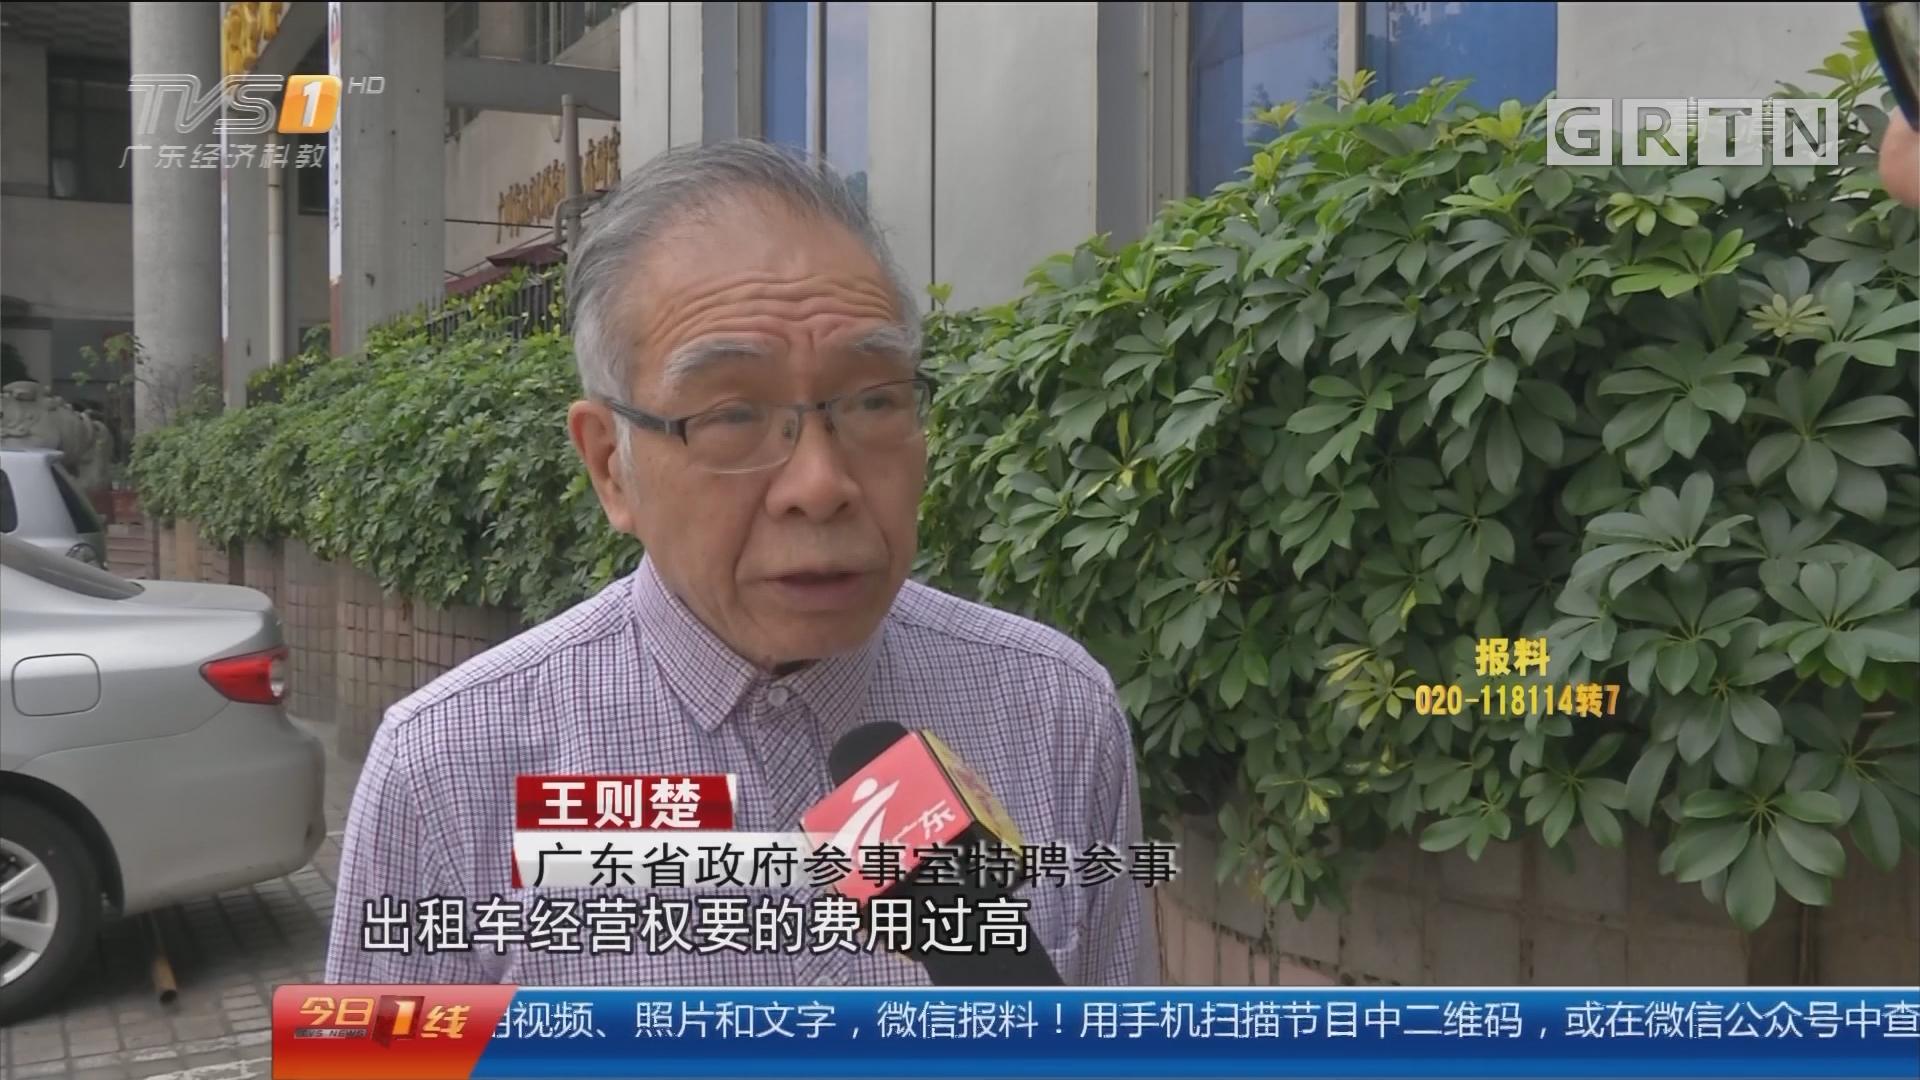 广州的士运营乱象:乘客司机都不满 拿什么拯救你